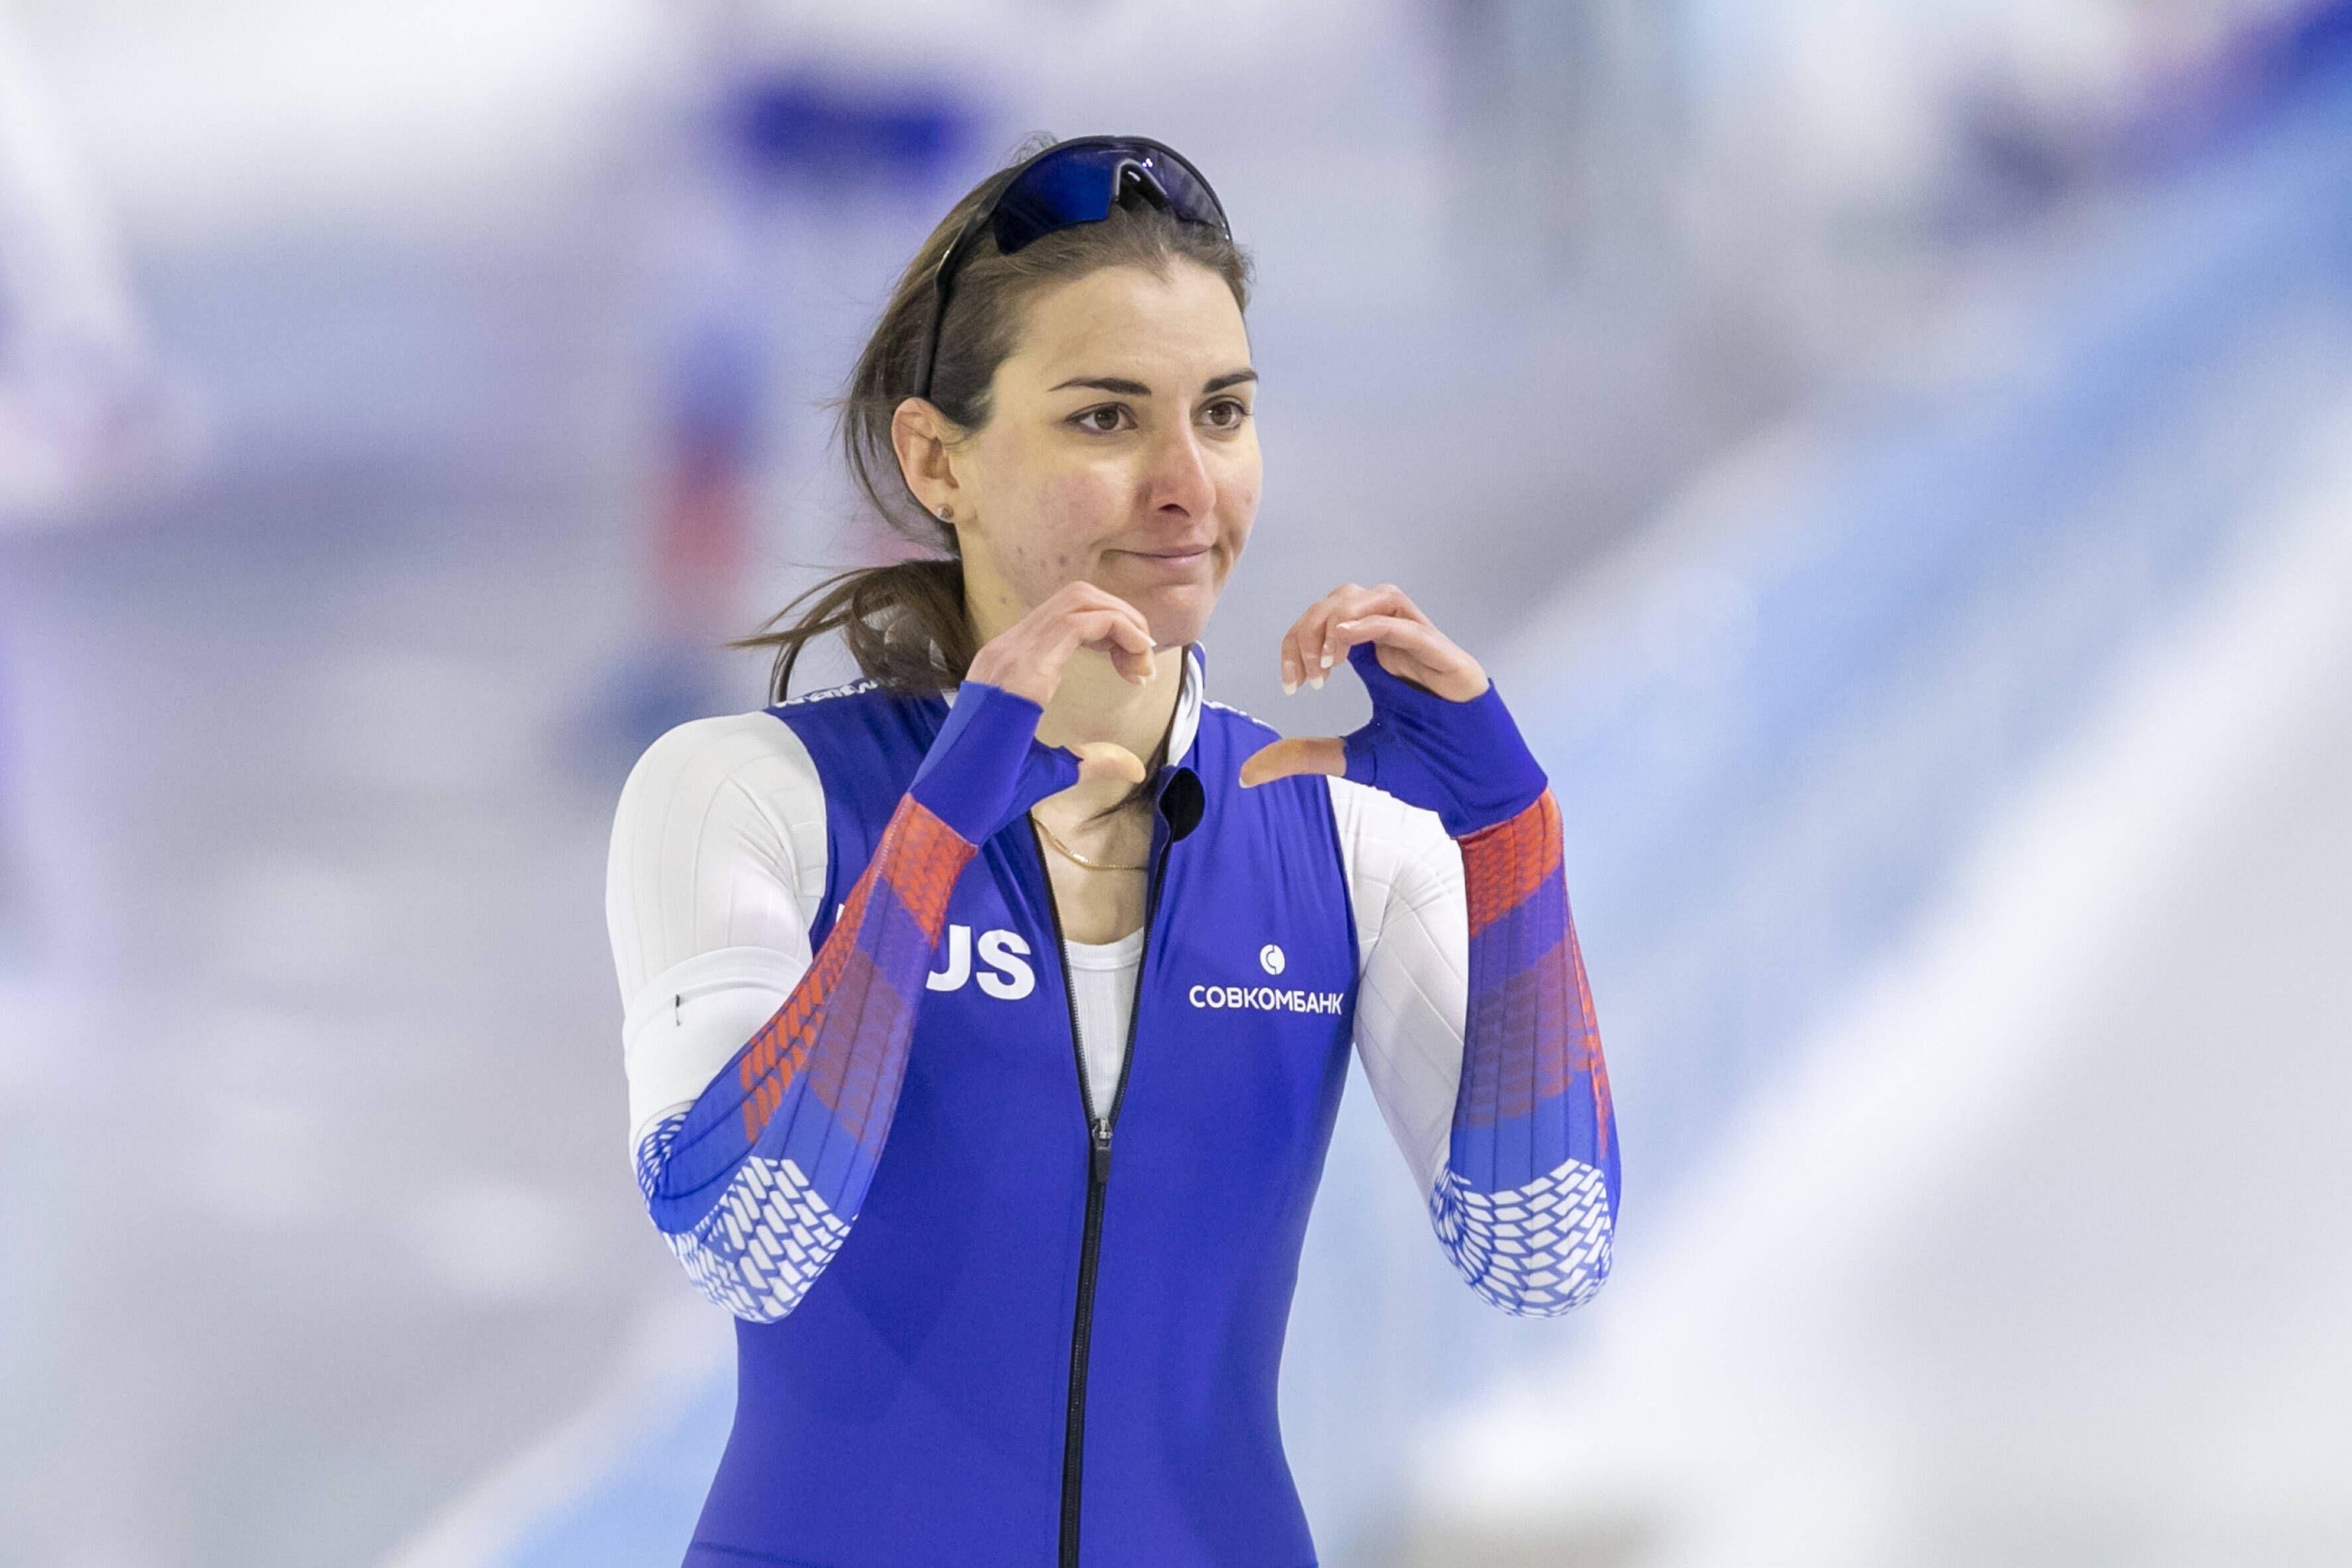 Голикова - о победе в забеге на 500 метров на ЧМ: 'Это вопрос судьбы'